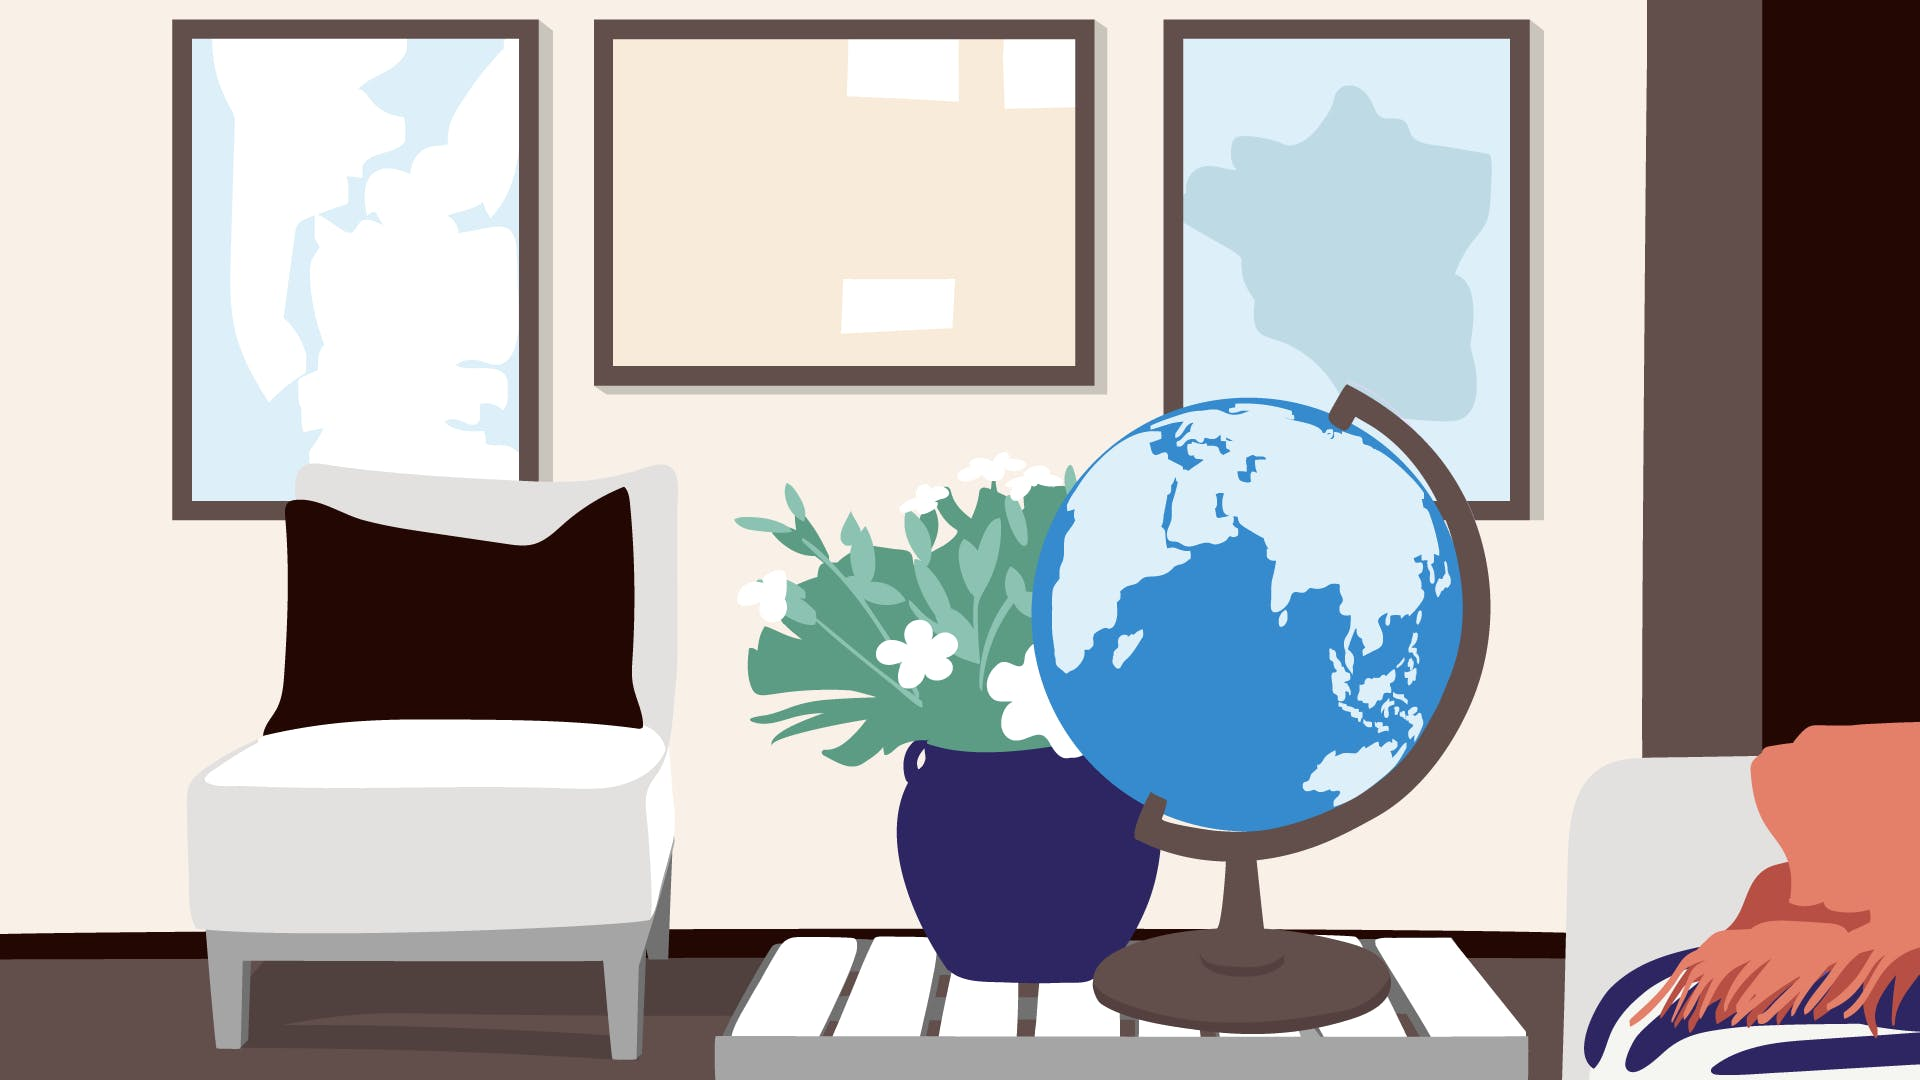 Globus und Bilder mit Landkarten für die Visualisierung von Finanzgeschäften ins Ausland.